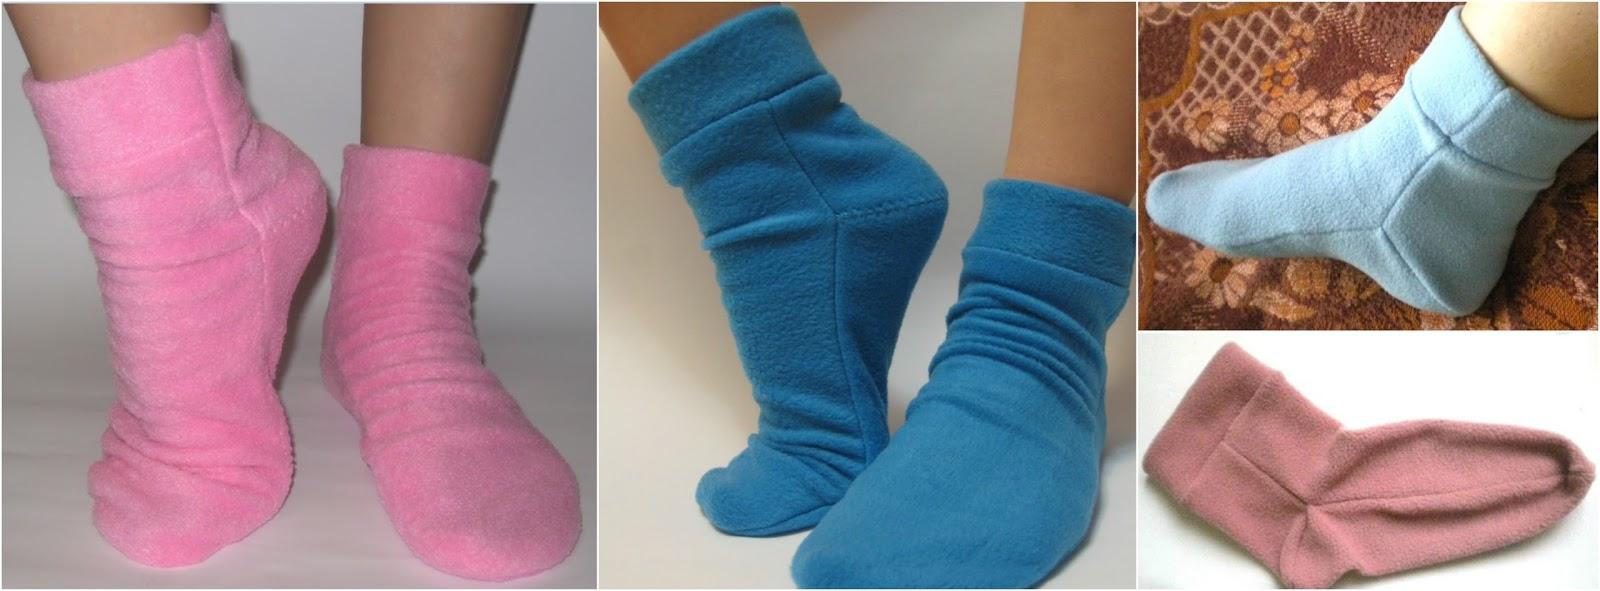 V deo tutorial para aprender c mo hacer calcetines de tela - Como hacer calcetines de punto ...